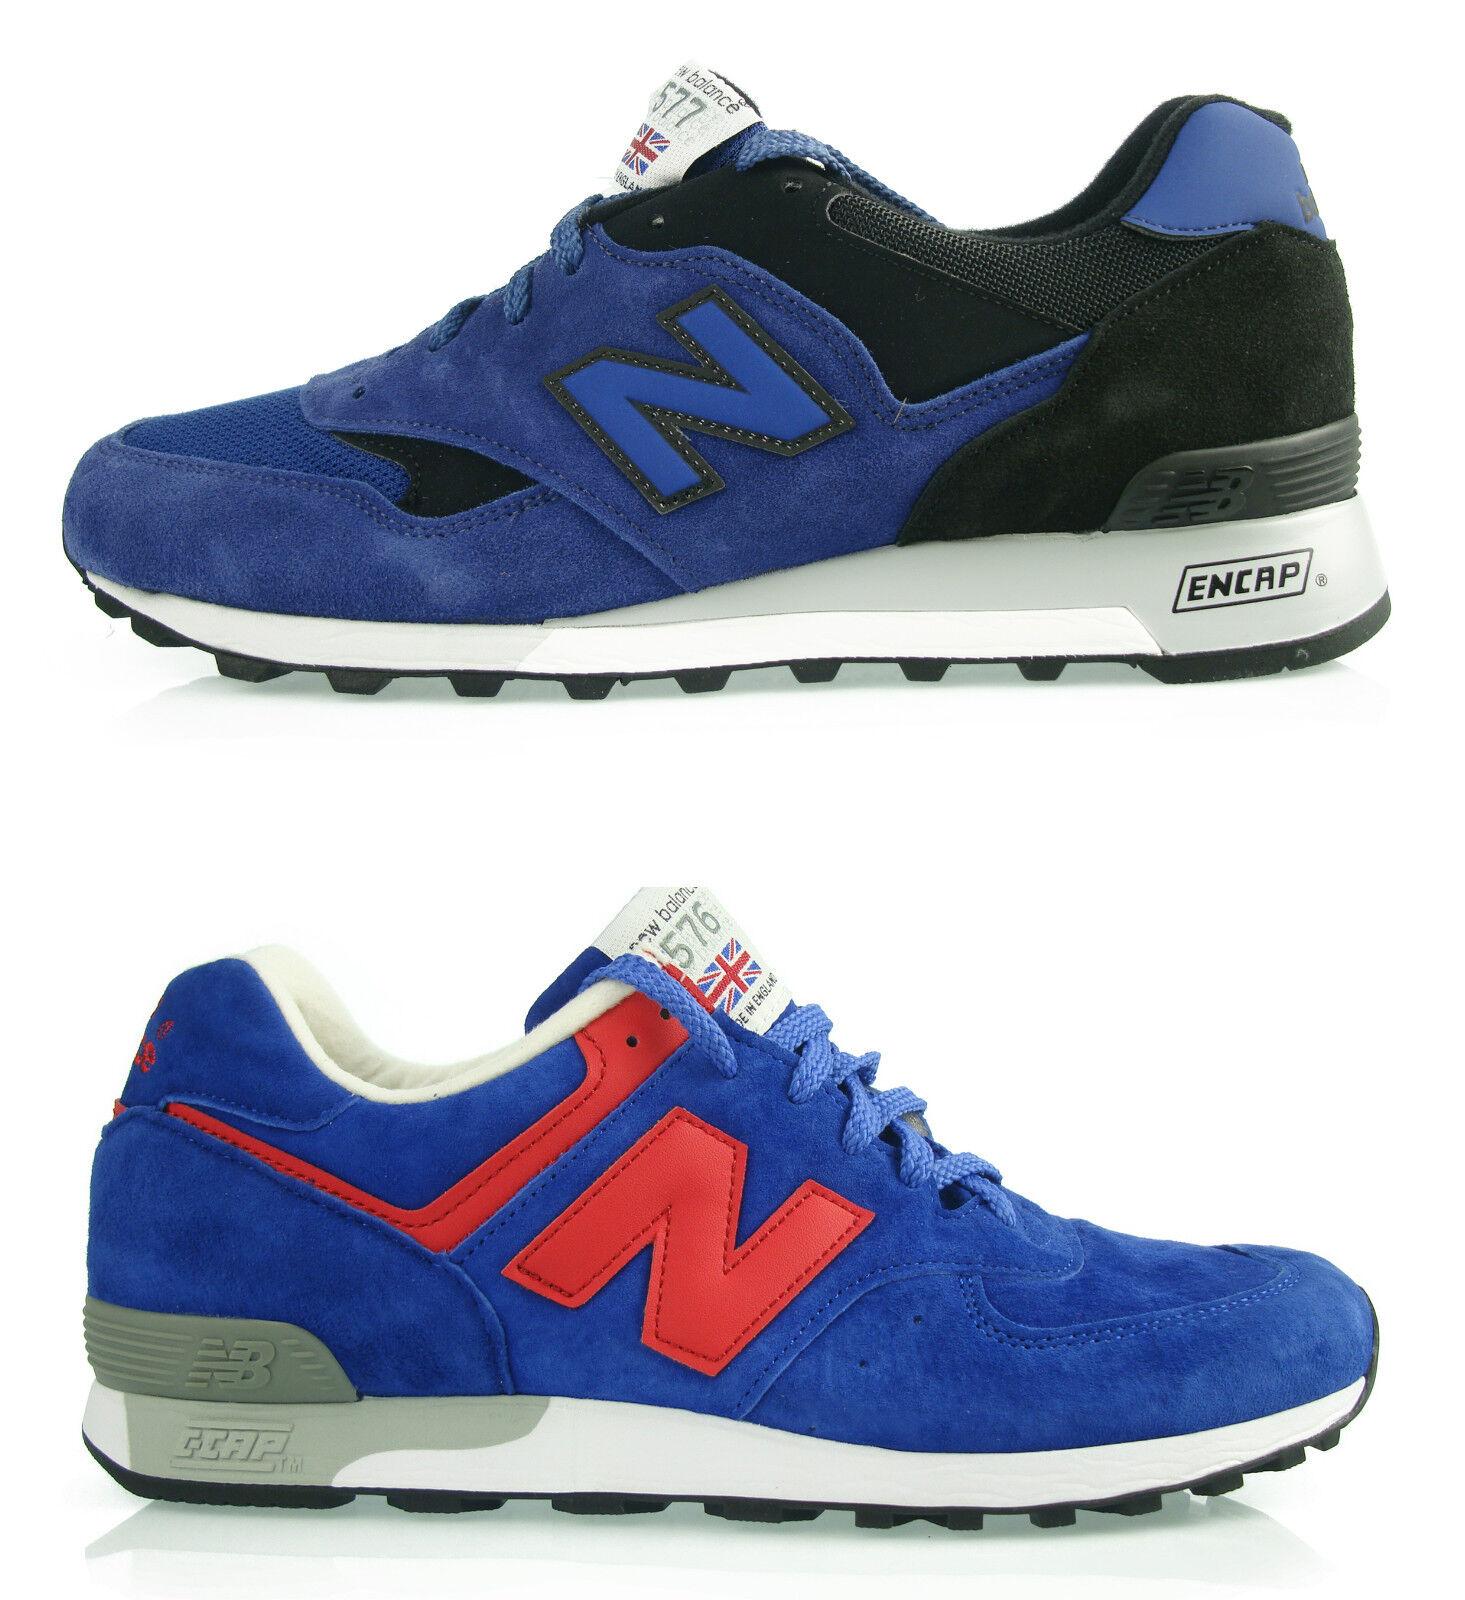 MI NEW BALANCE chaussures 100% HOMME baskets MAN 100% chaussures AUTHENTIQUE 6cc9e6